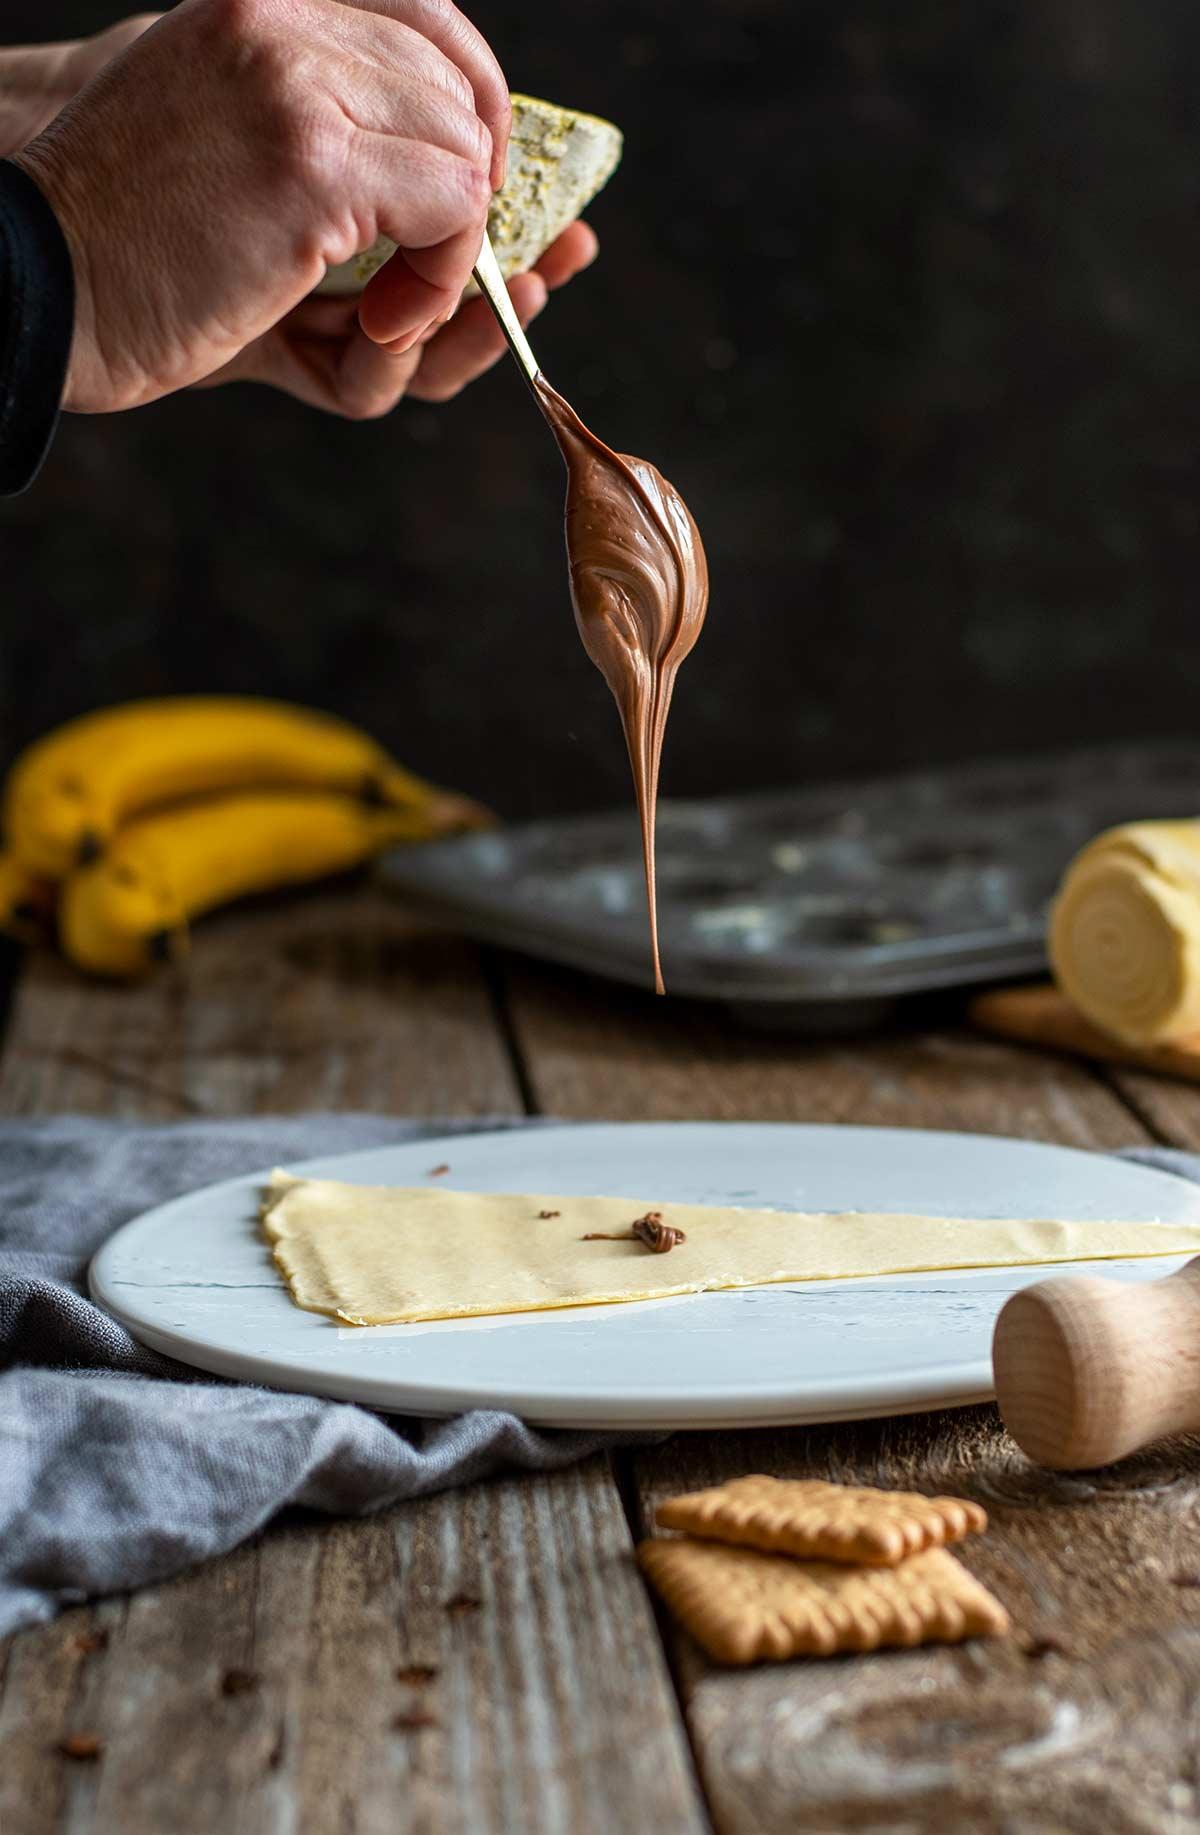 εύκολα cruffin, γεμιστά κρουασάν μπανάνα, πραλίνα, νουτέλα, μερέντα